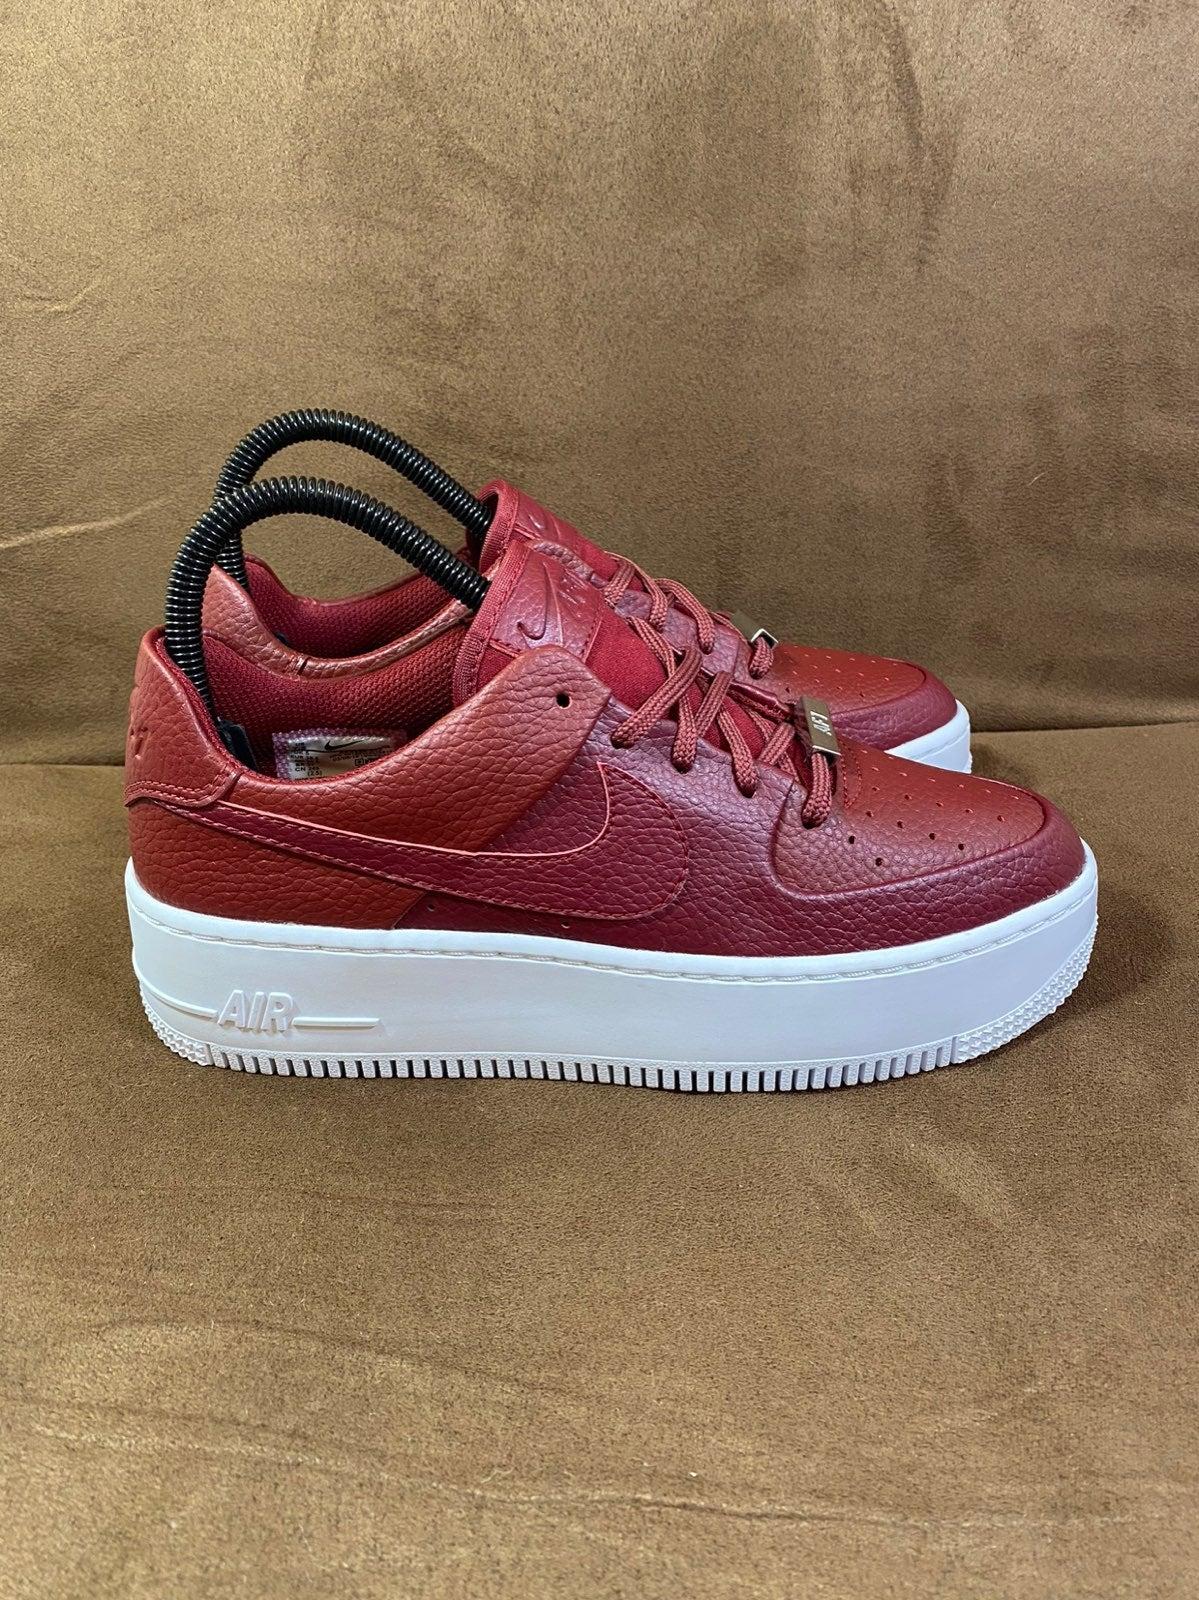 Nike Air Force 1 Sage Low Team Red